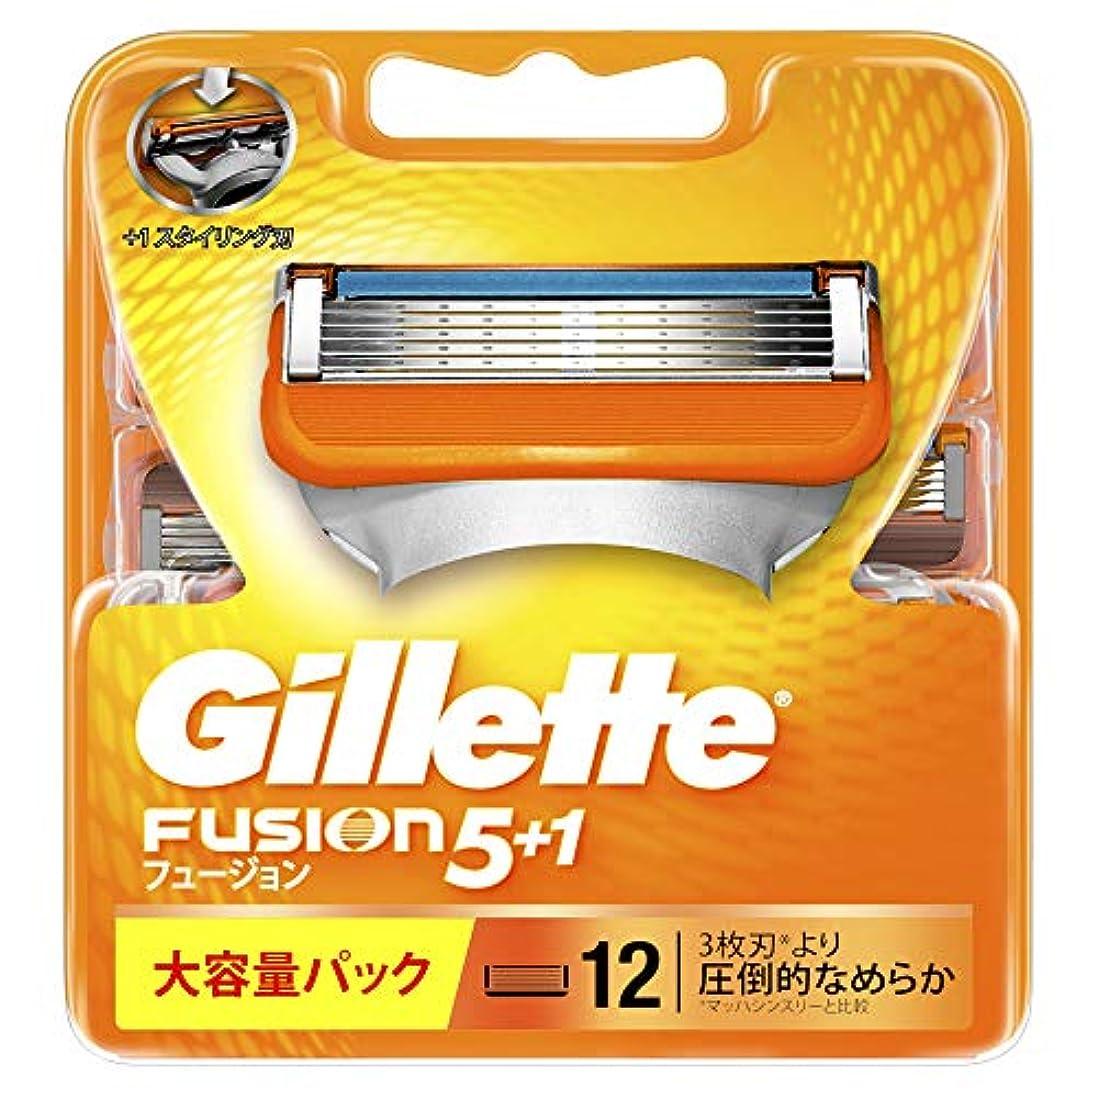 毎日不十分な細心のジレット フュージョン5+1 マニュアル 髭剃り 替刃 12コ入